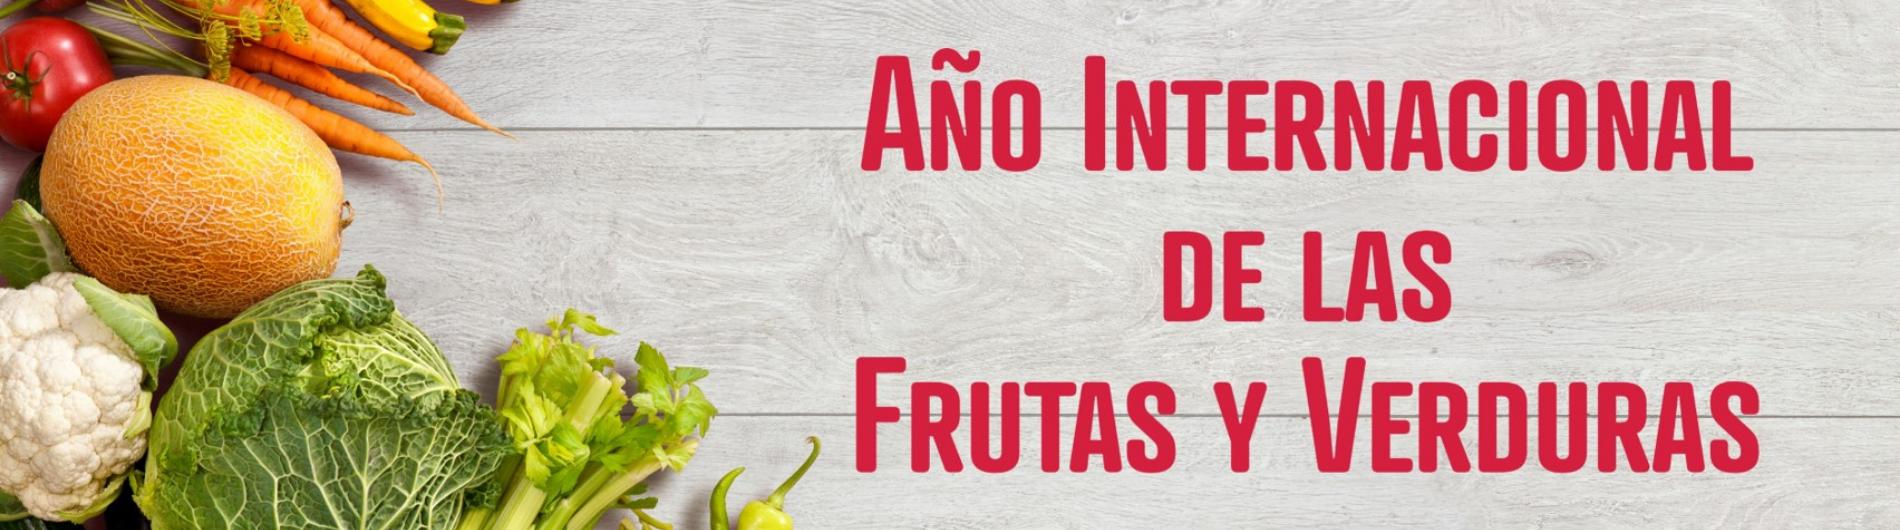 Año de las Frutas y Verduras